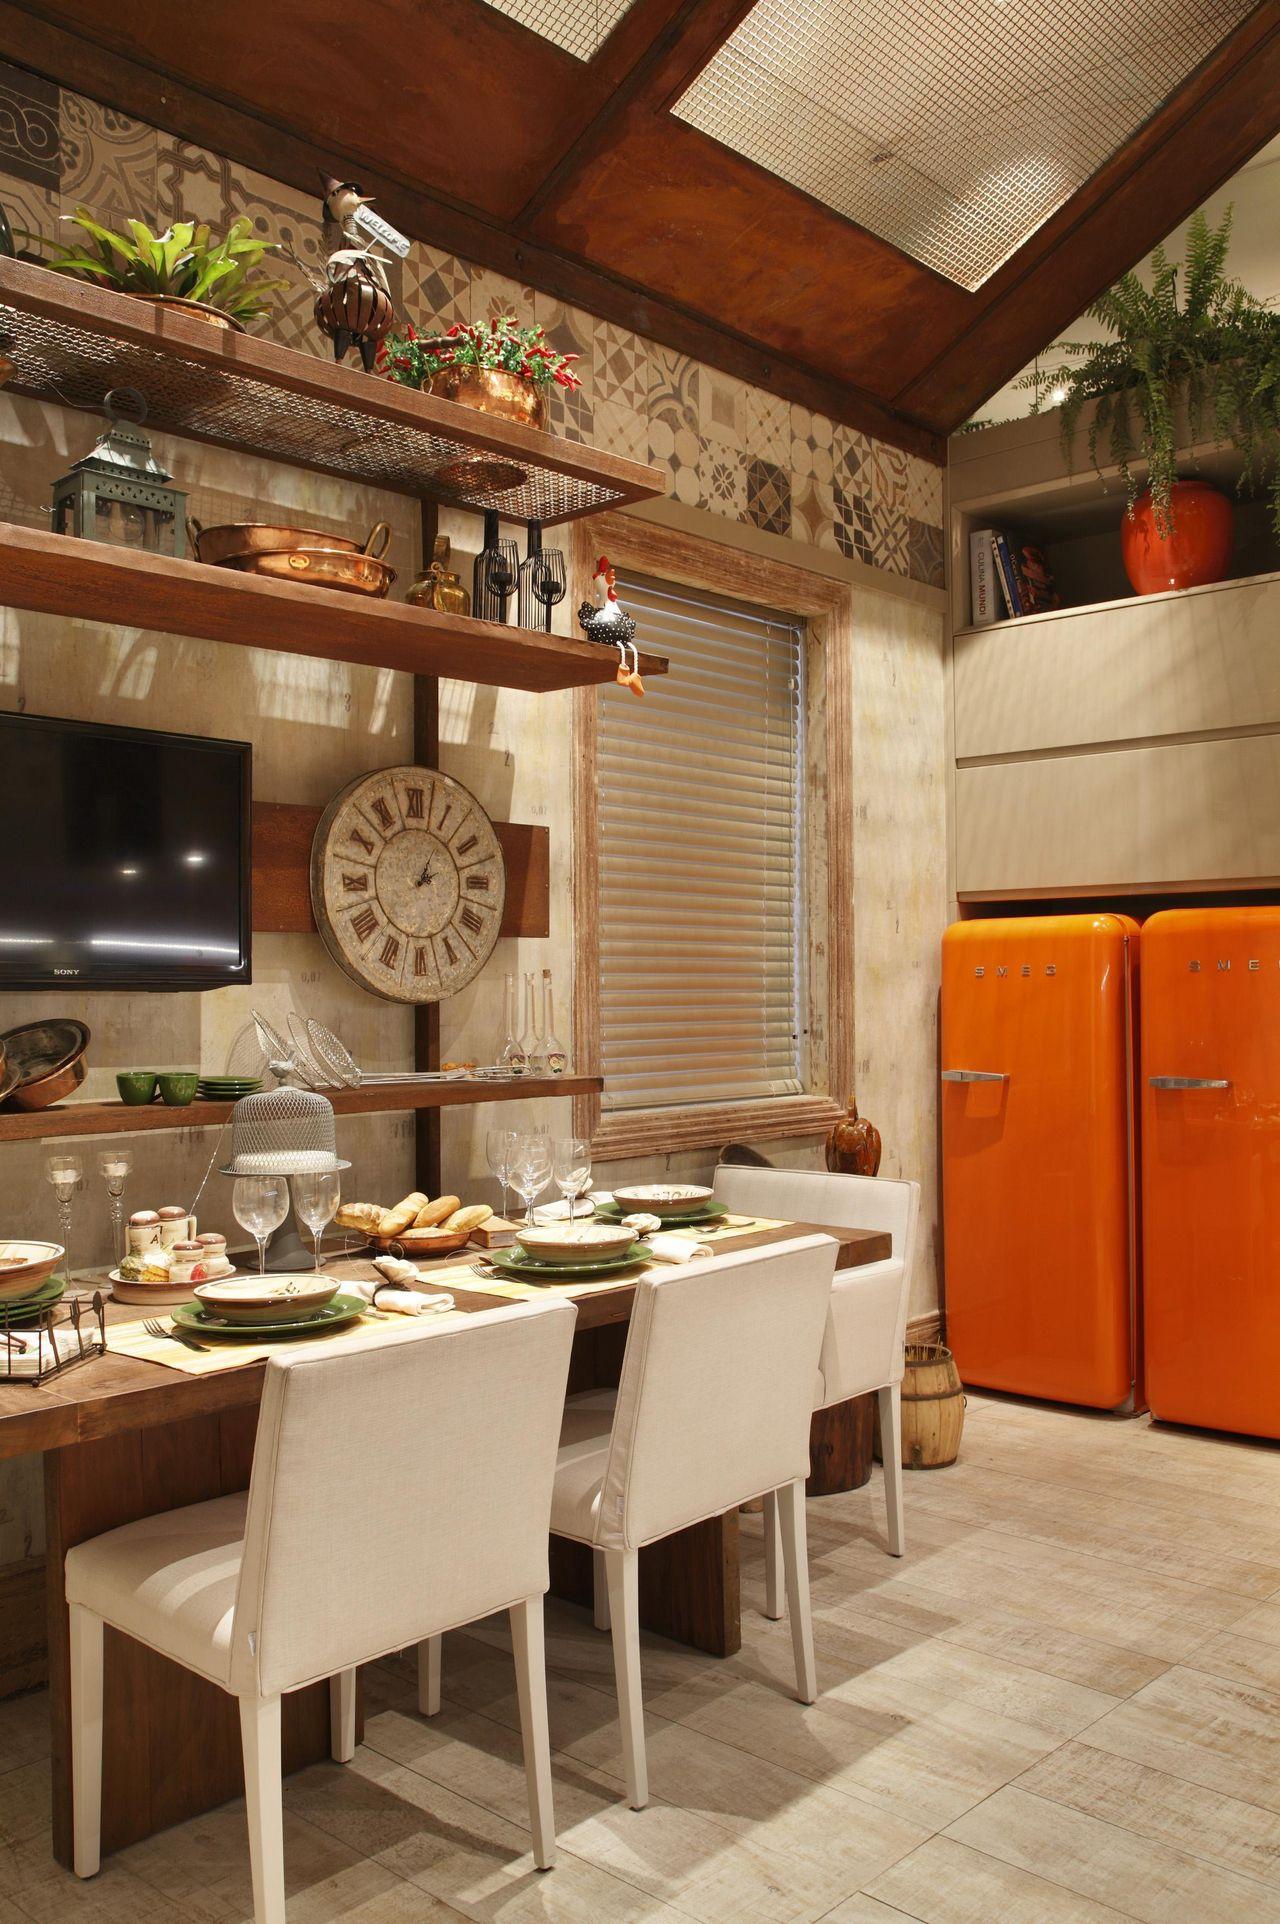 Cozinha Gourmet De Lamego Mancini Arquitetura 80650 No Viva Decora